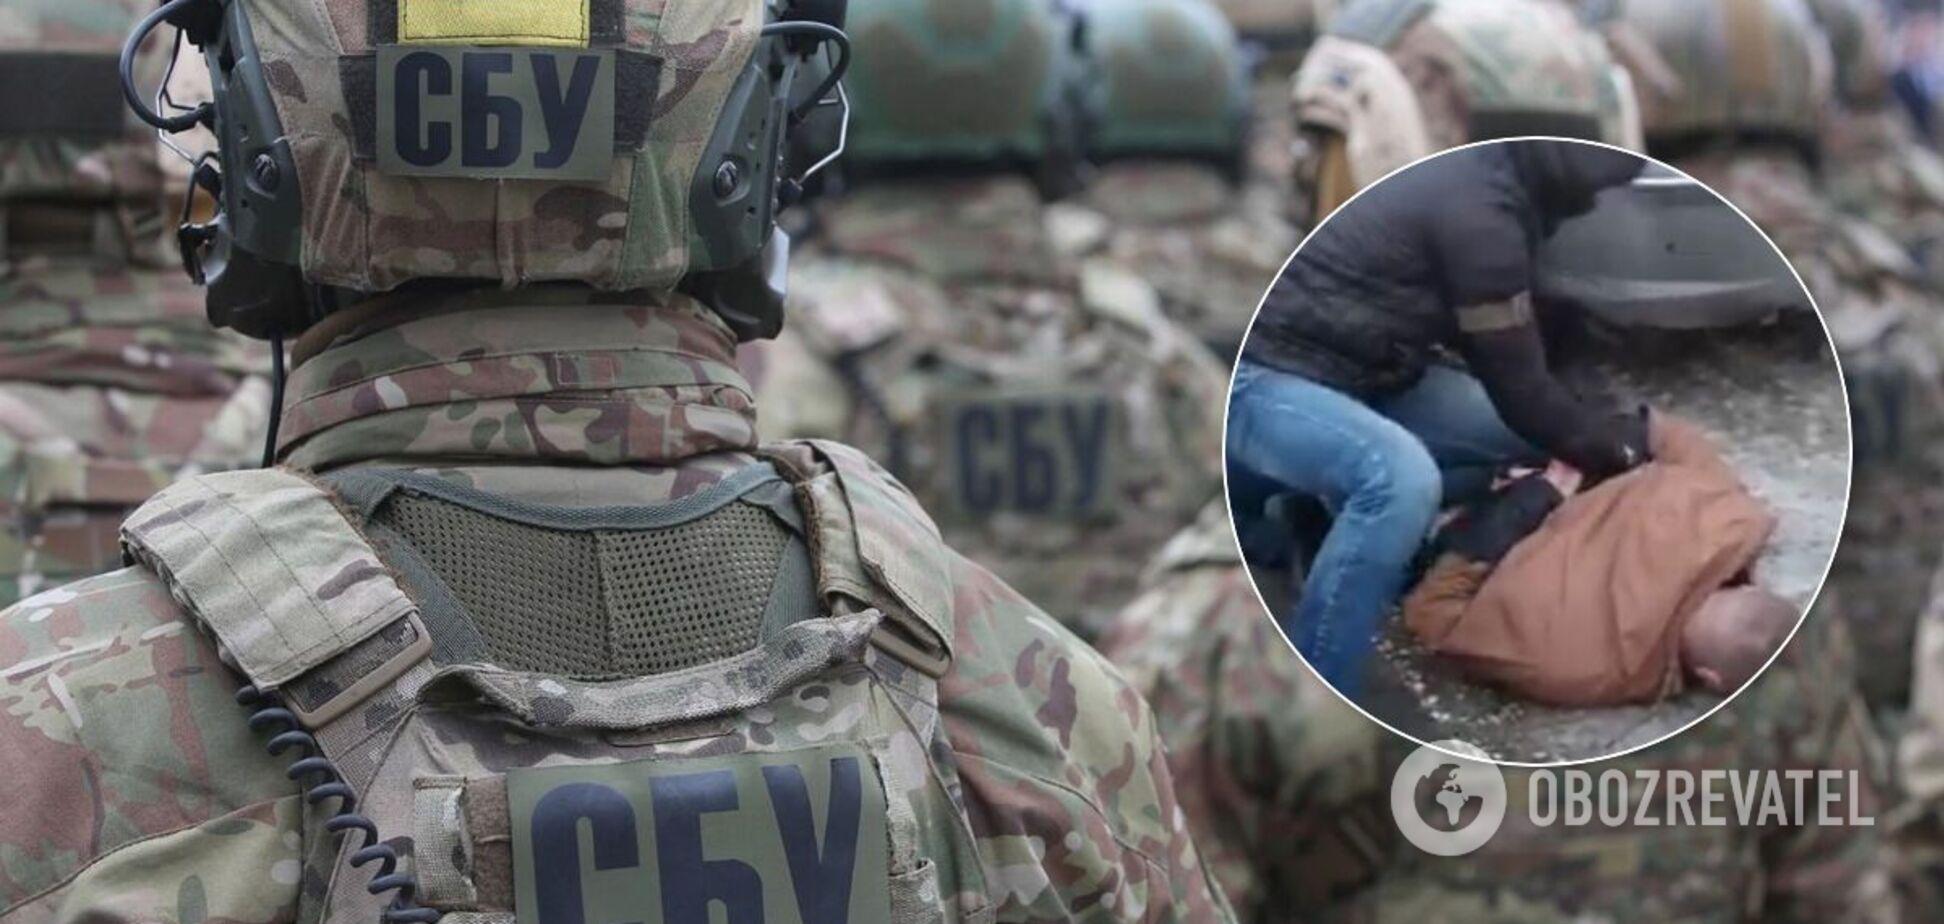 СБУ задержала на взятке полицейских